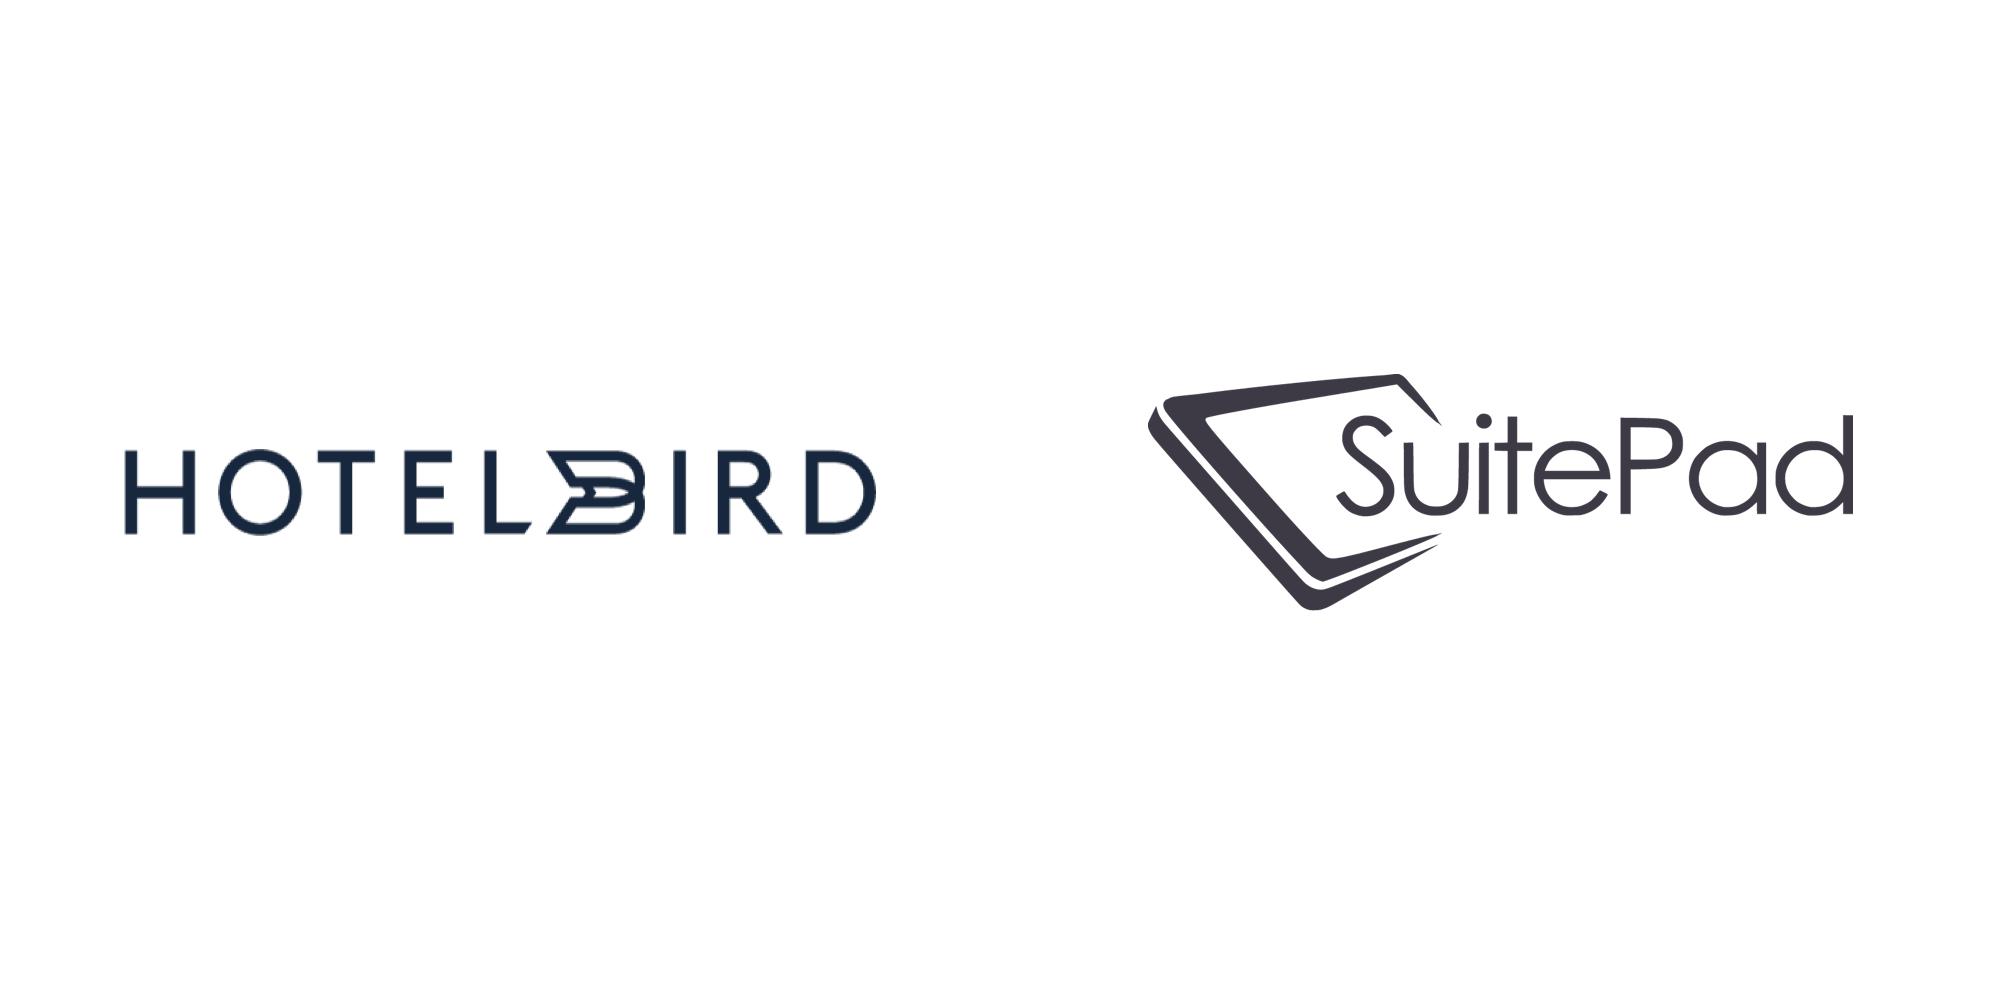 Logobild_hotelbird & suitepad_Hintergrund weiß